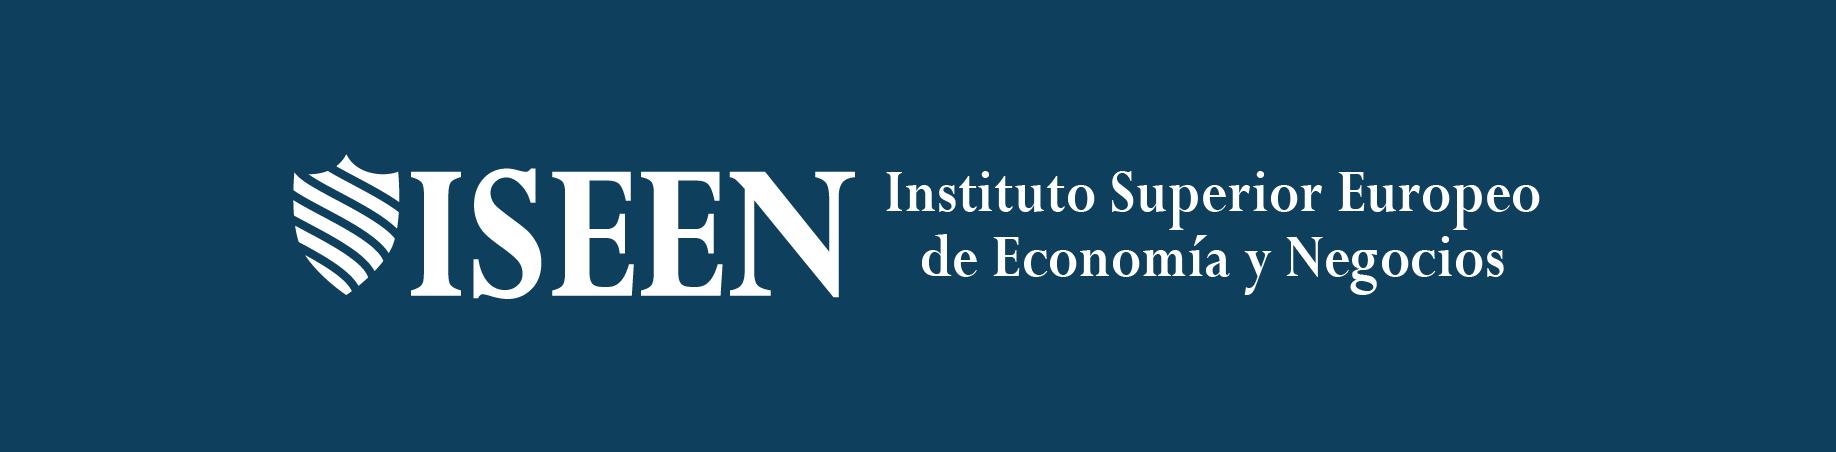 ISEEN Instituto Superior Europeo de Economía y Negocios